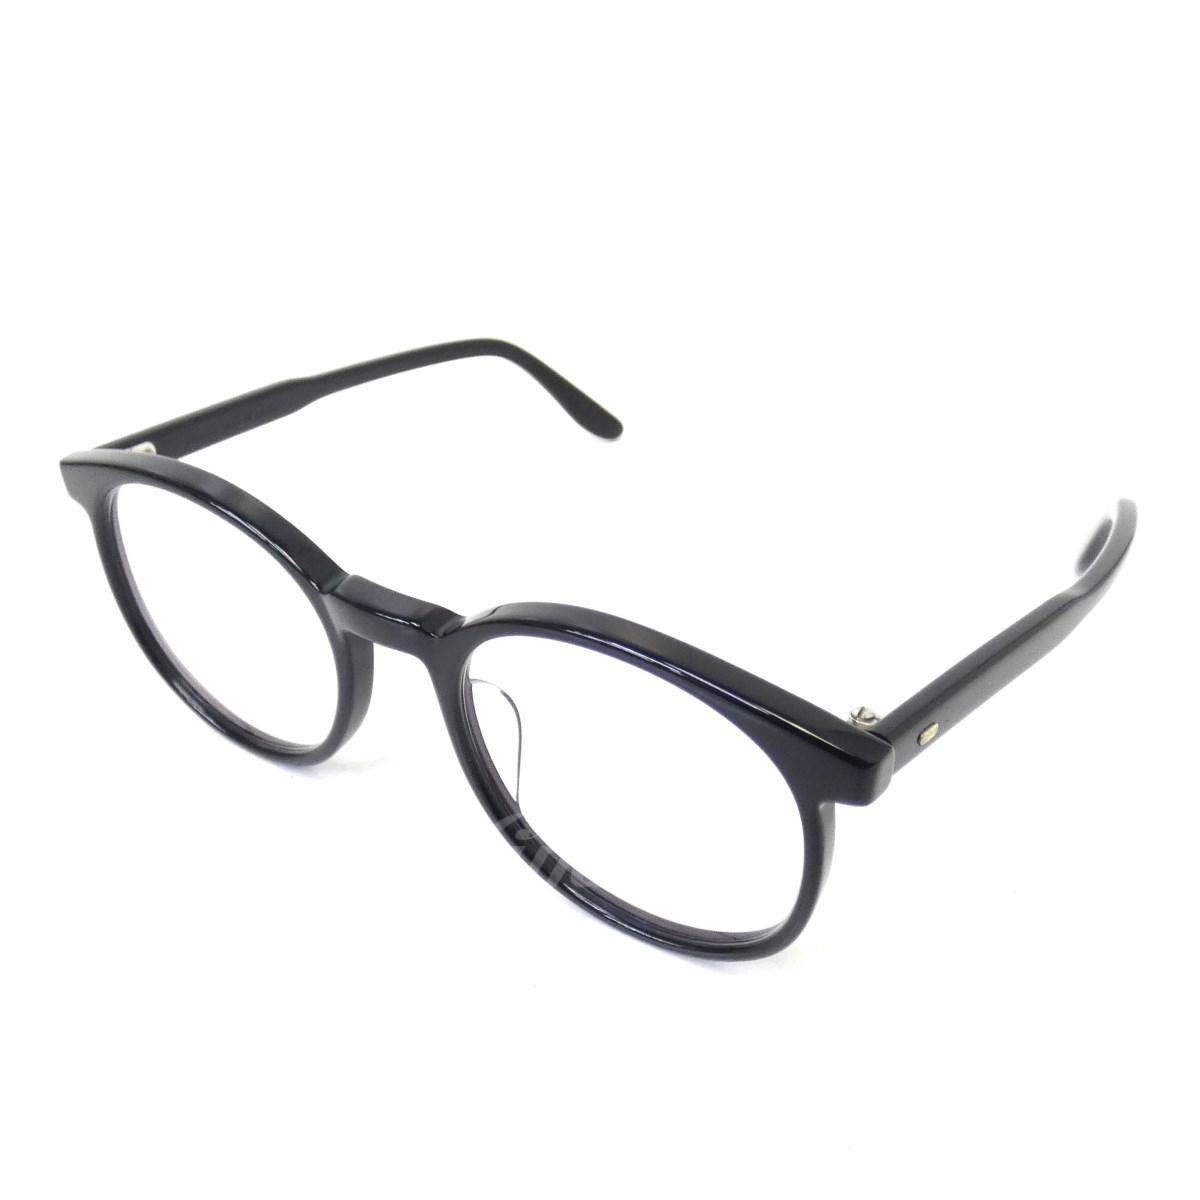 【中古】JULIUS TART OPTICAL 「Prince-X PL-015A」眼鏡 ブラック サイズ:- 【送料無料】 【210918】(ユリウス タート オプティカル)